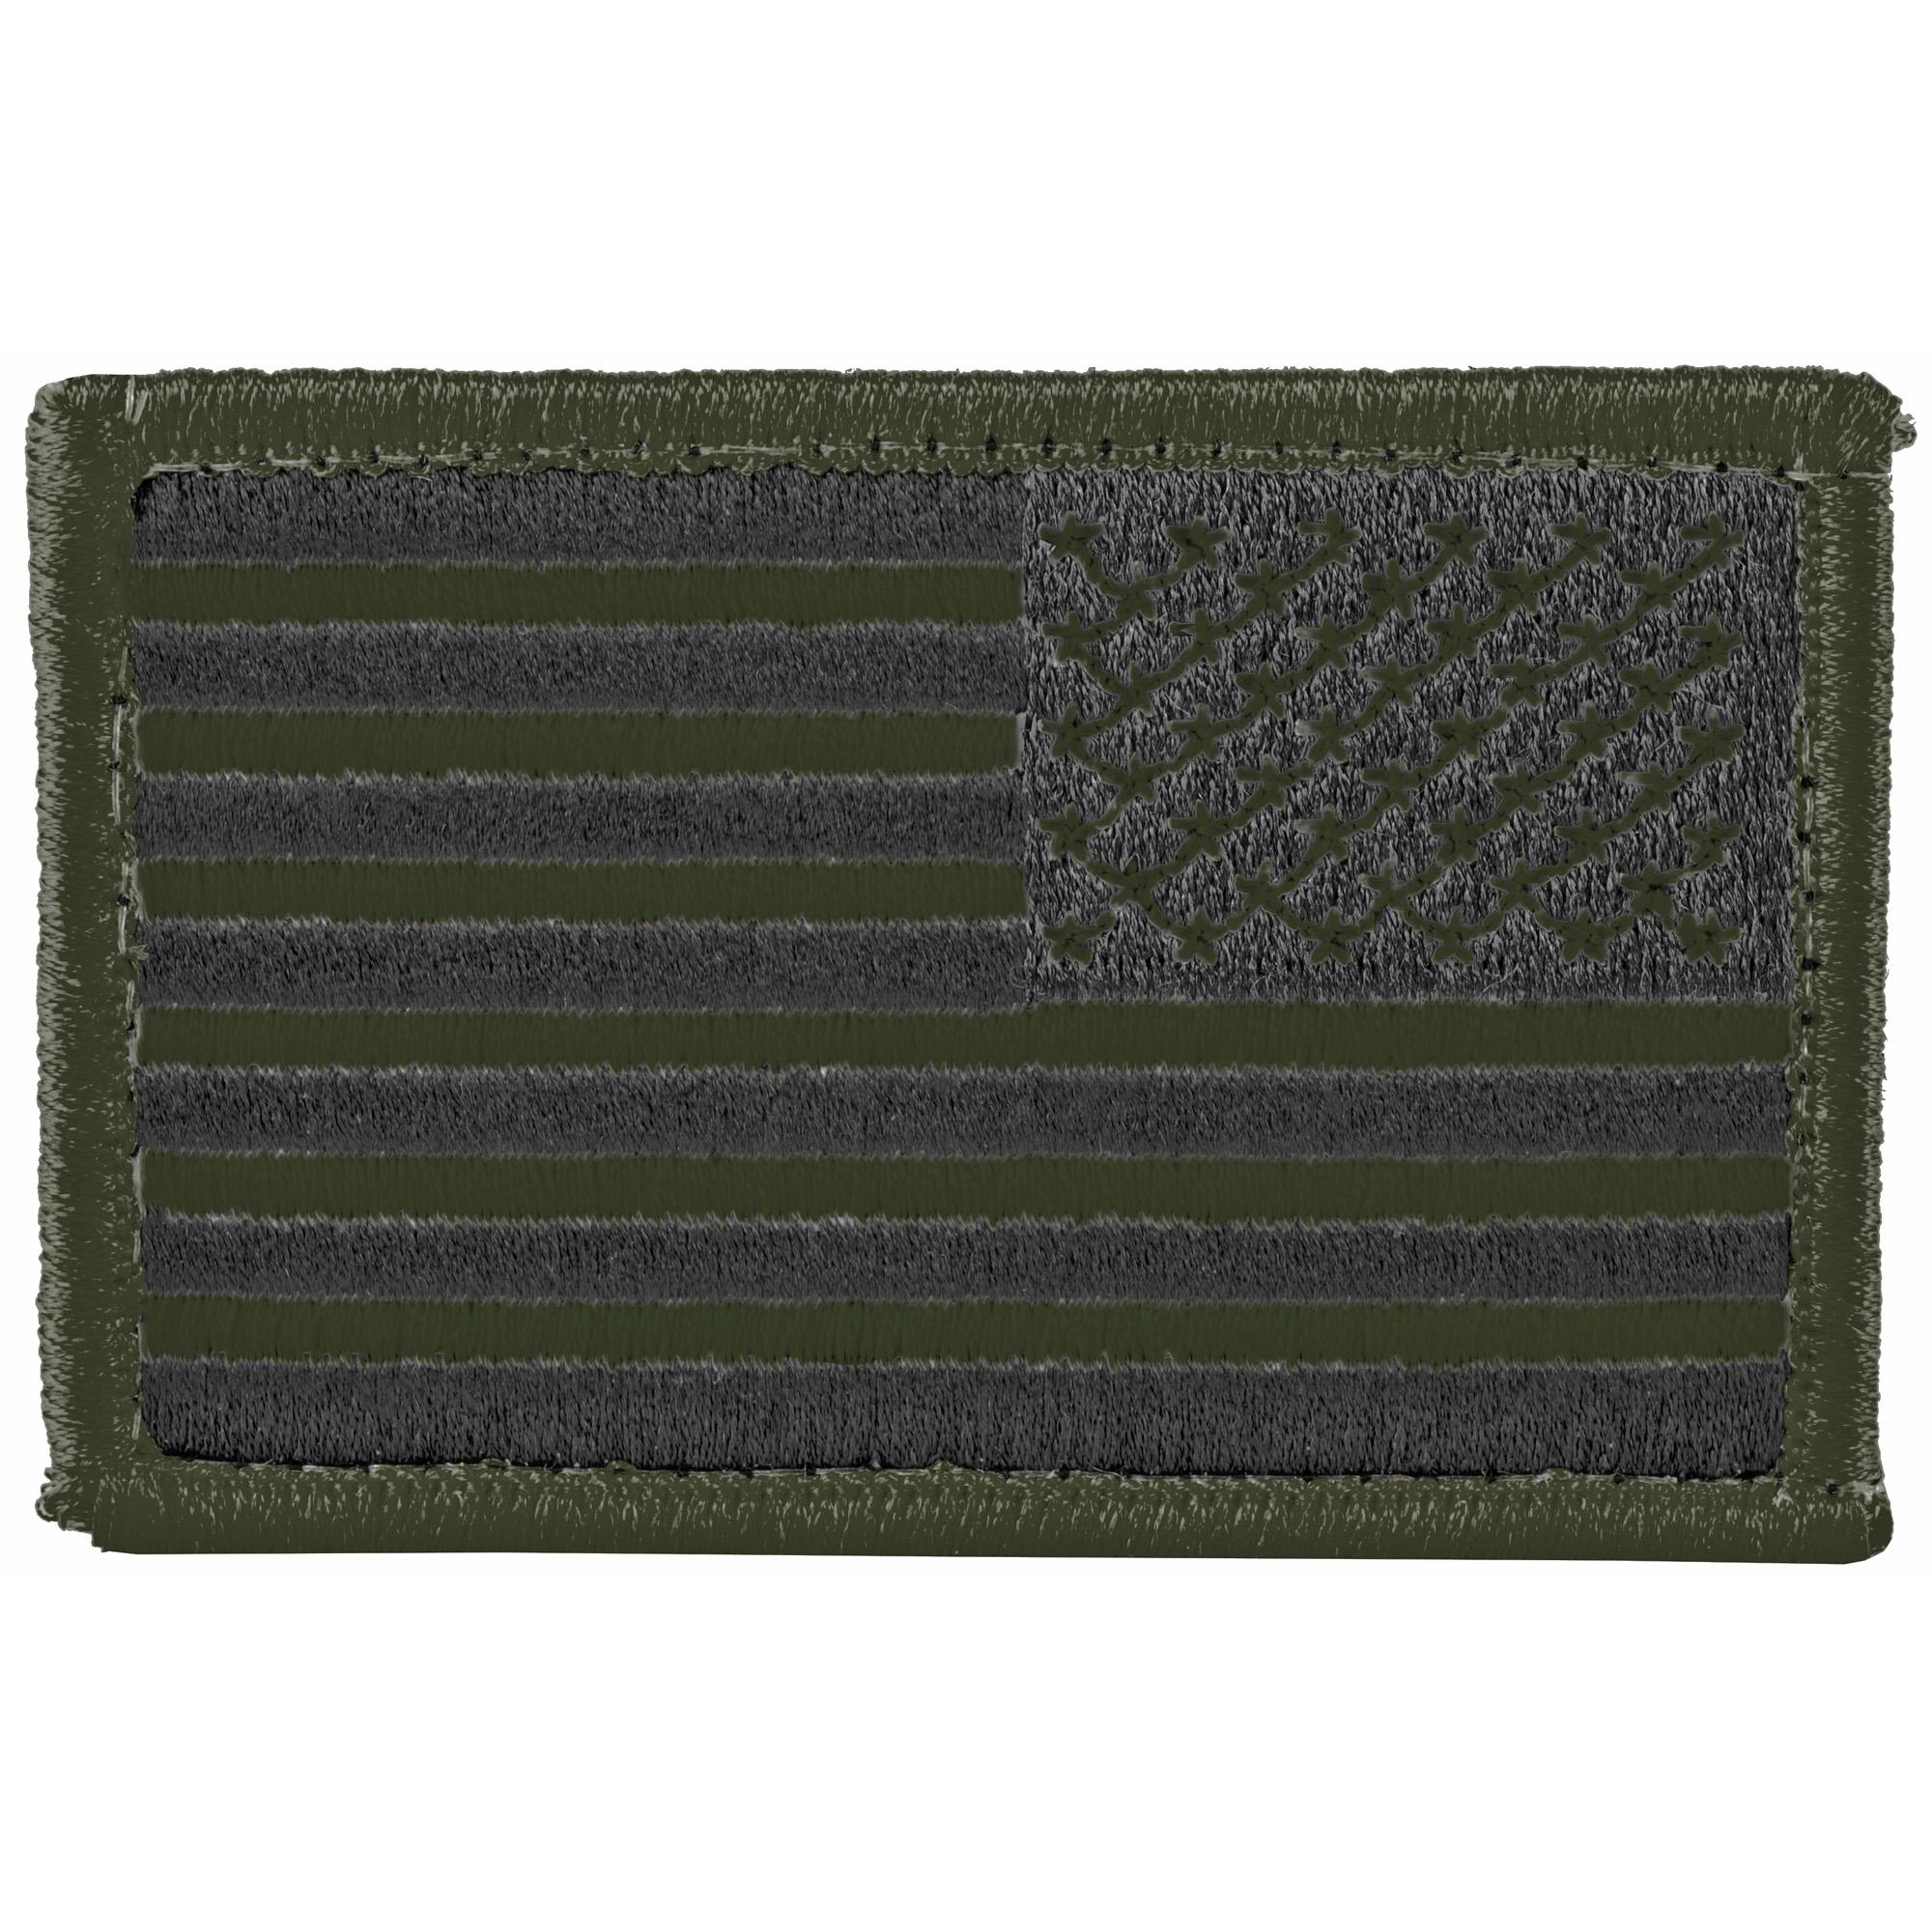 Bh Patch American Flag Rvrsd Od/blk